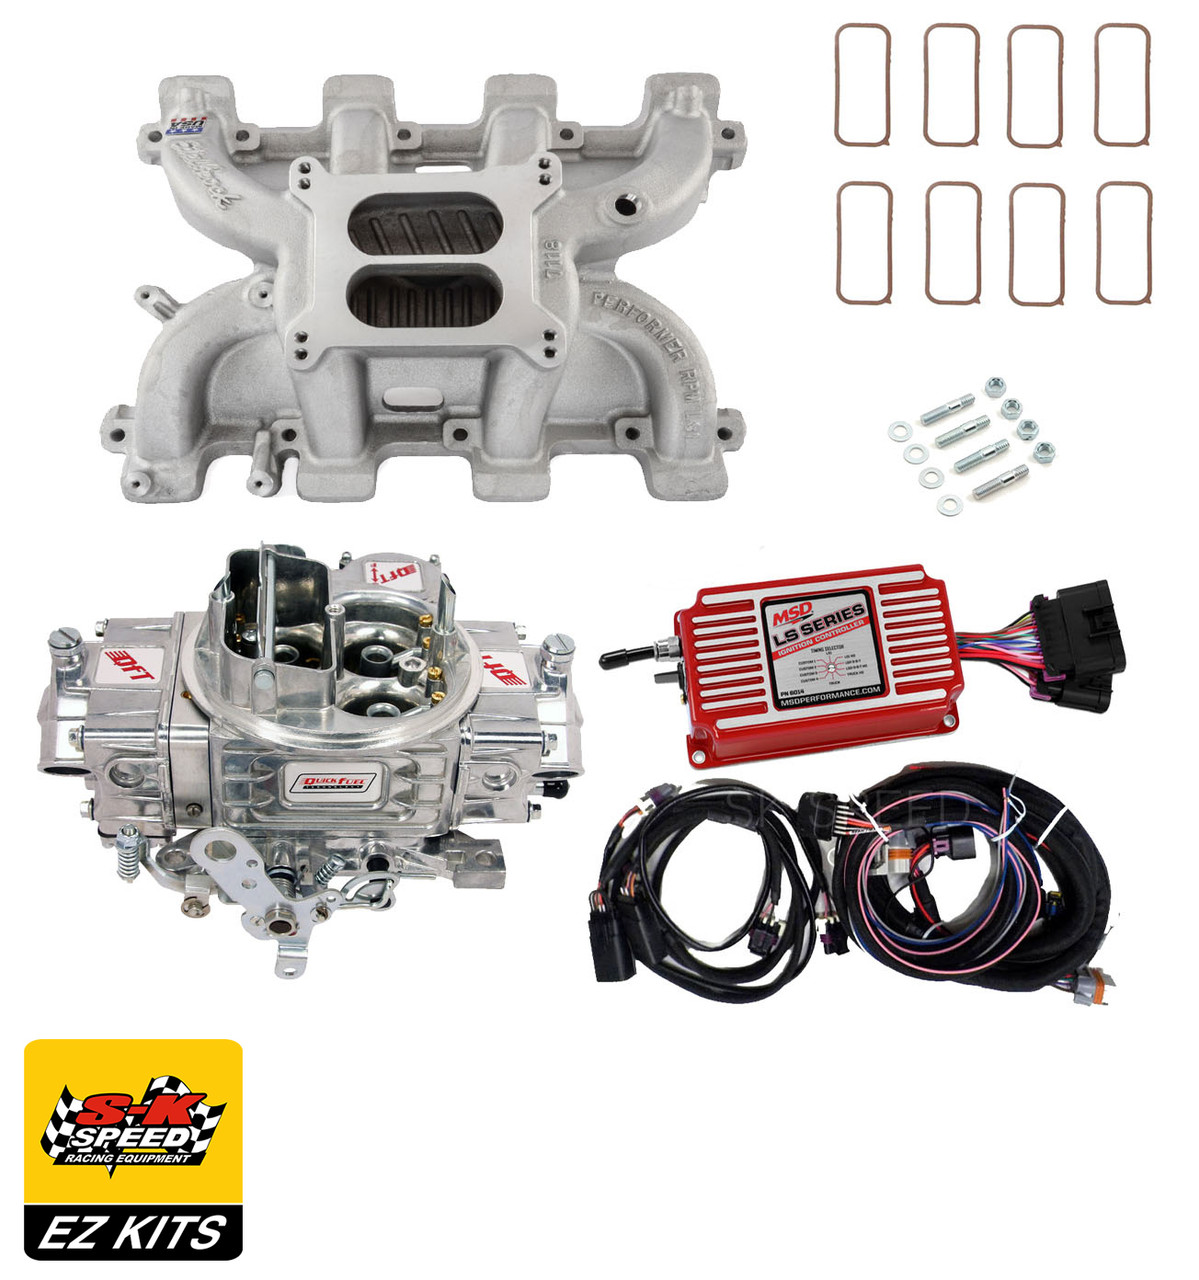 Edelbrock 2018 Intake Manifold and Carburetor Kit